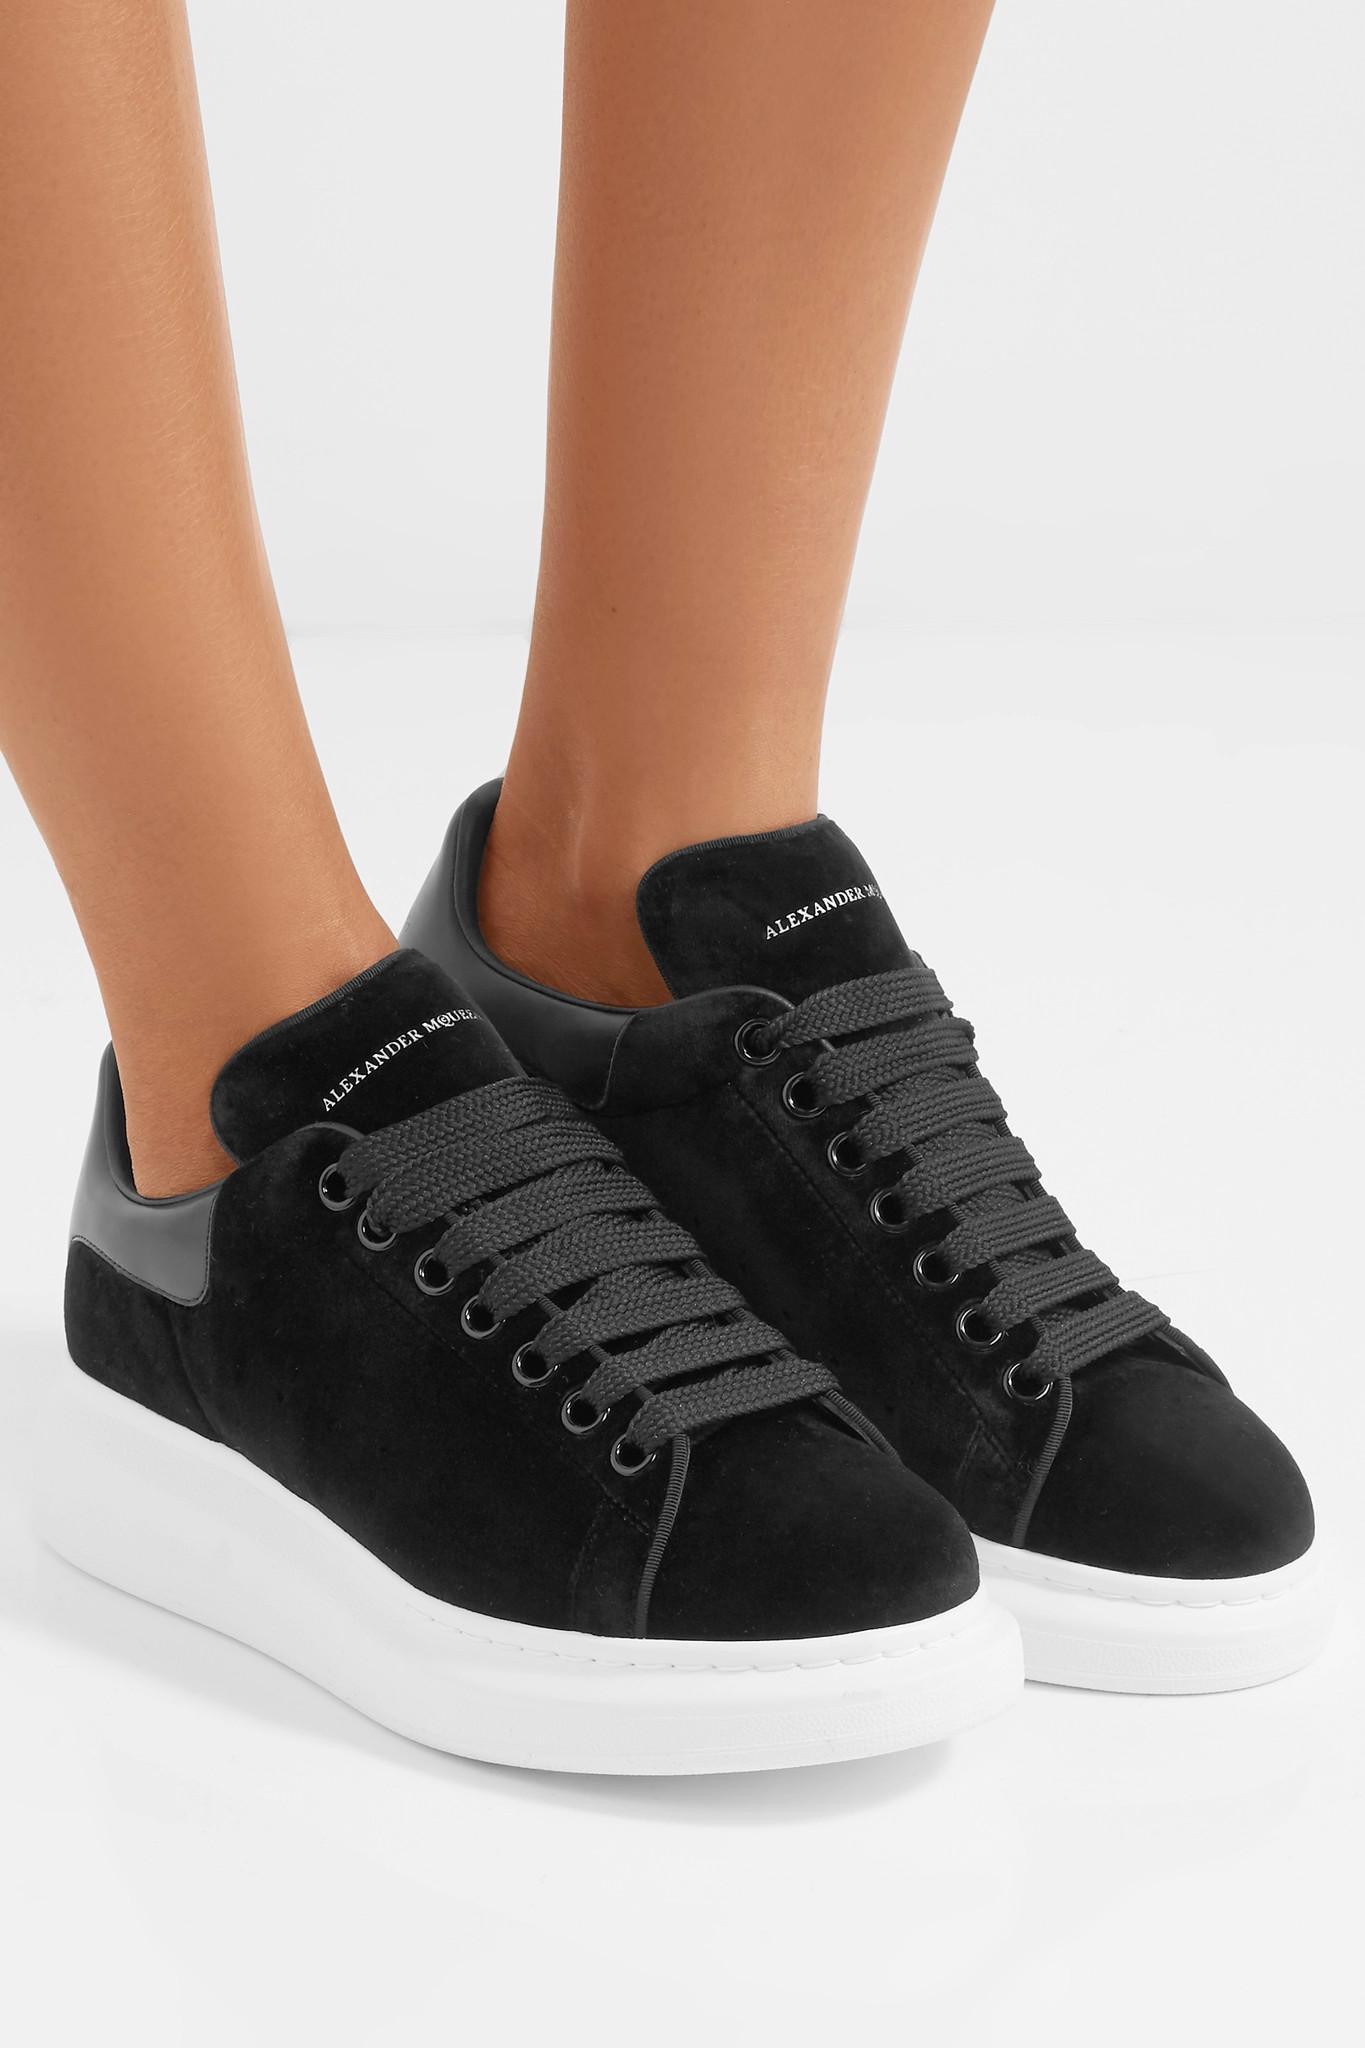 alexander mcqueen trainers black velvet